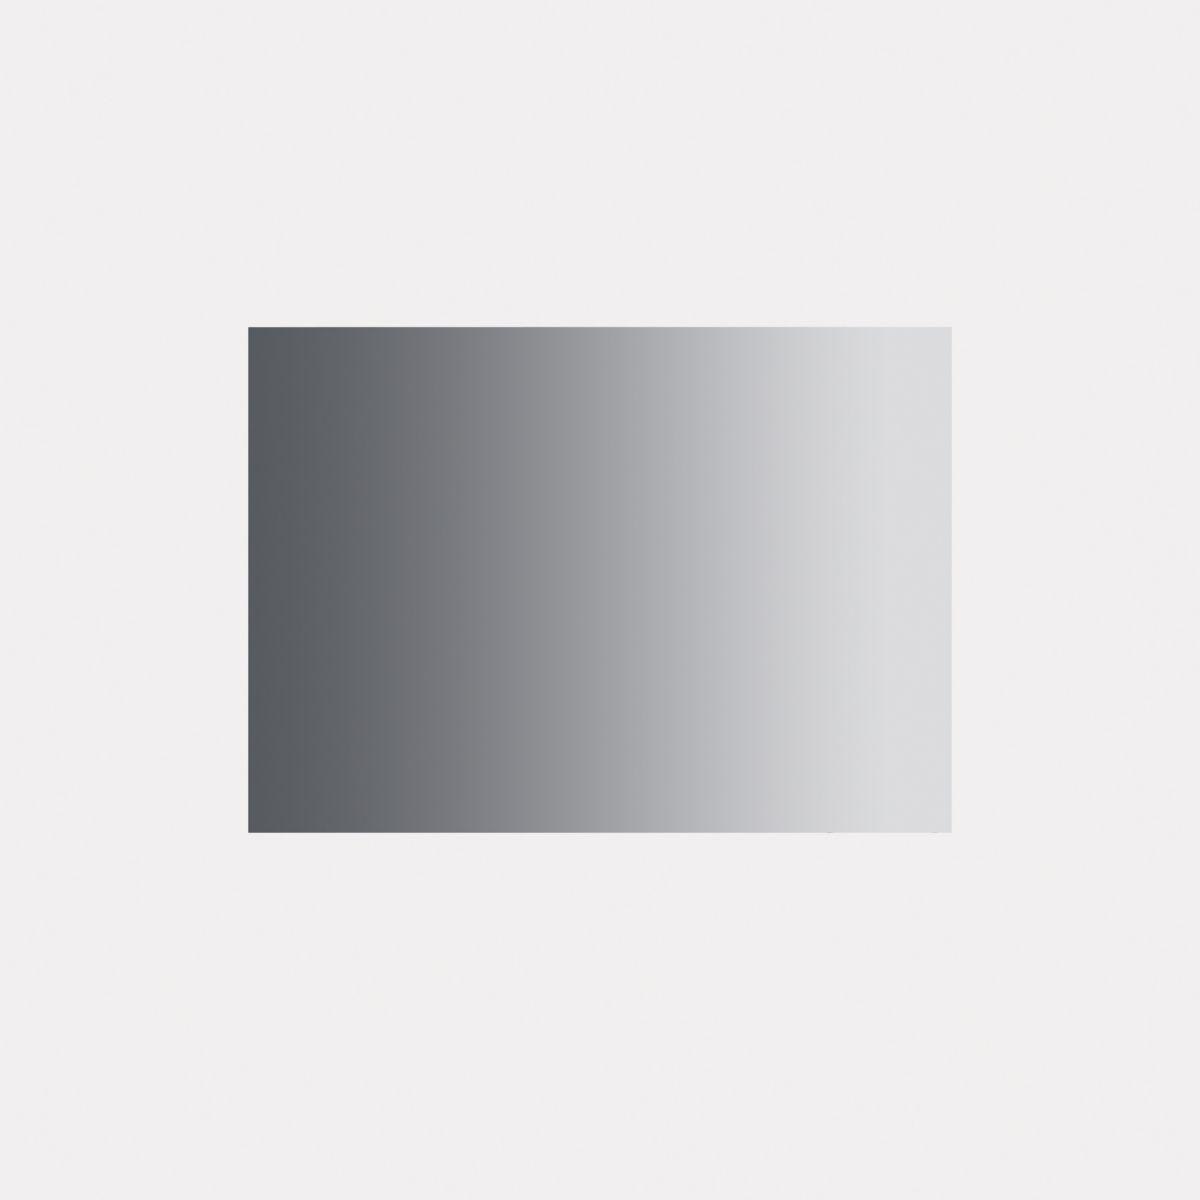 Cr�dence smeg kitc9x9-1 portofino - 15% de remise imm�diate avec le code : gam15 (photo)